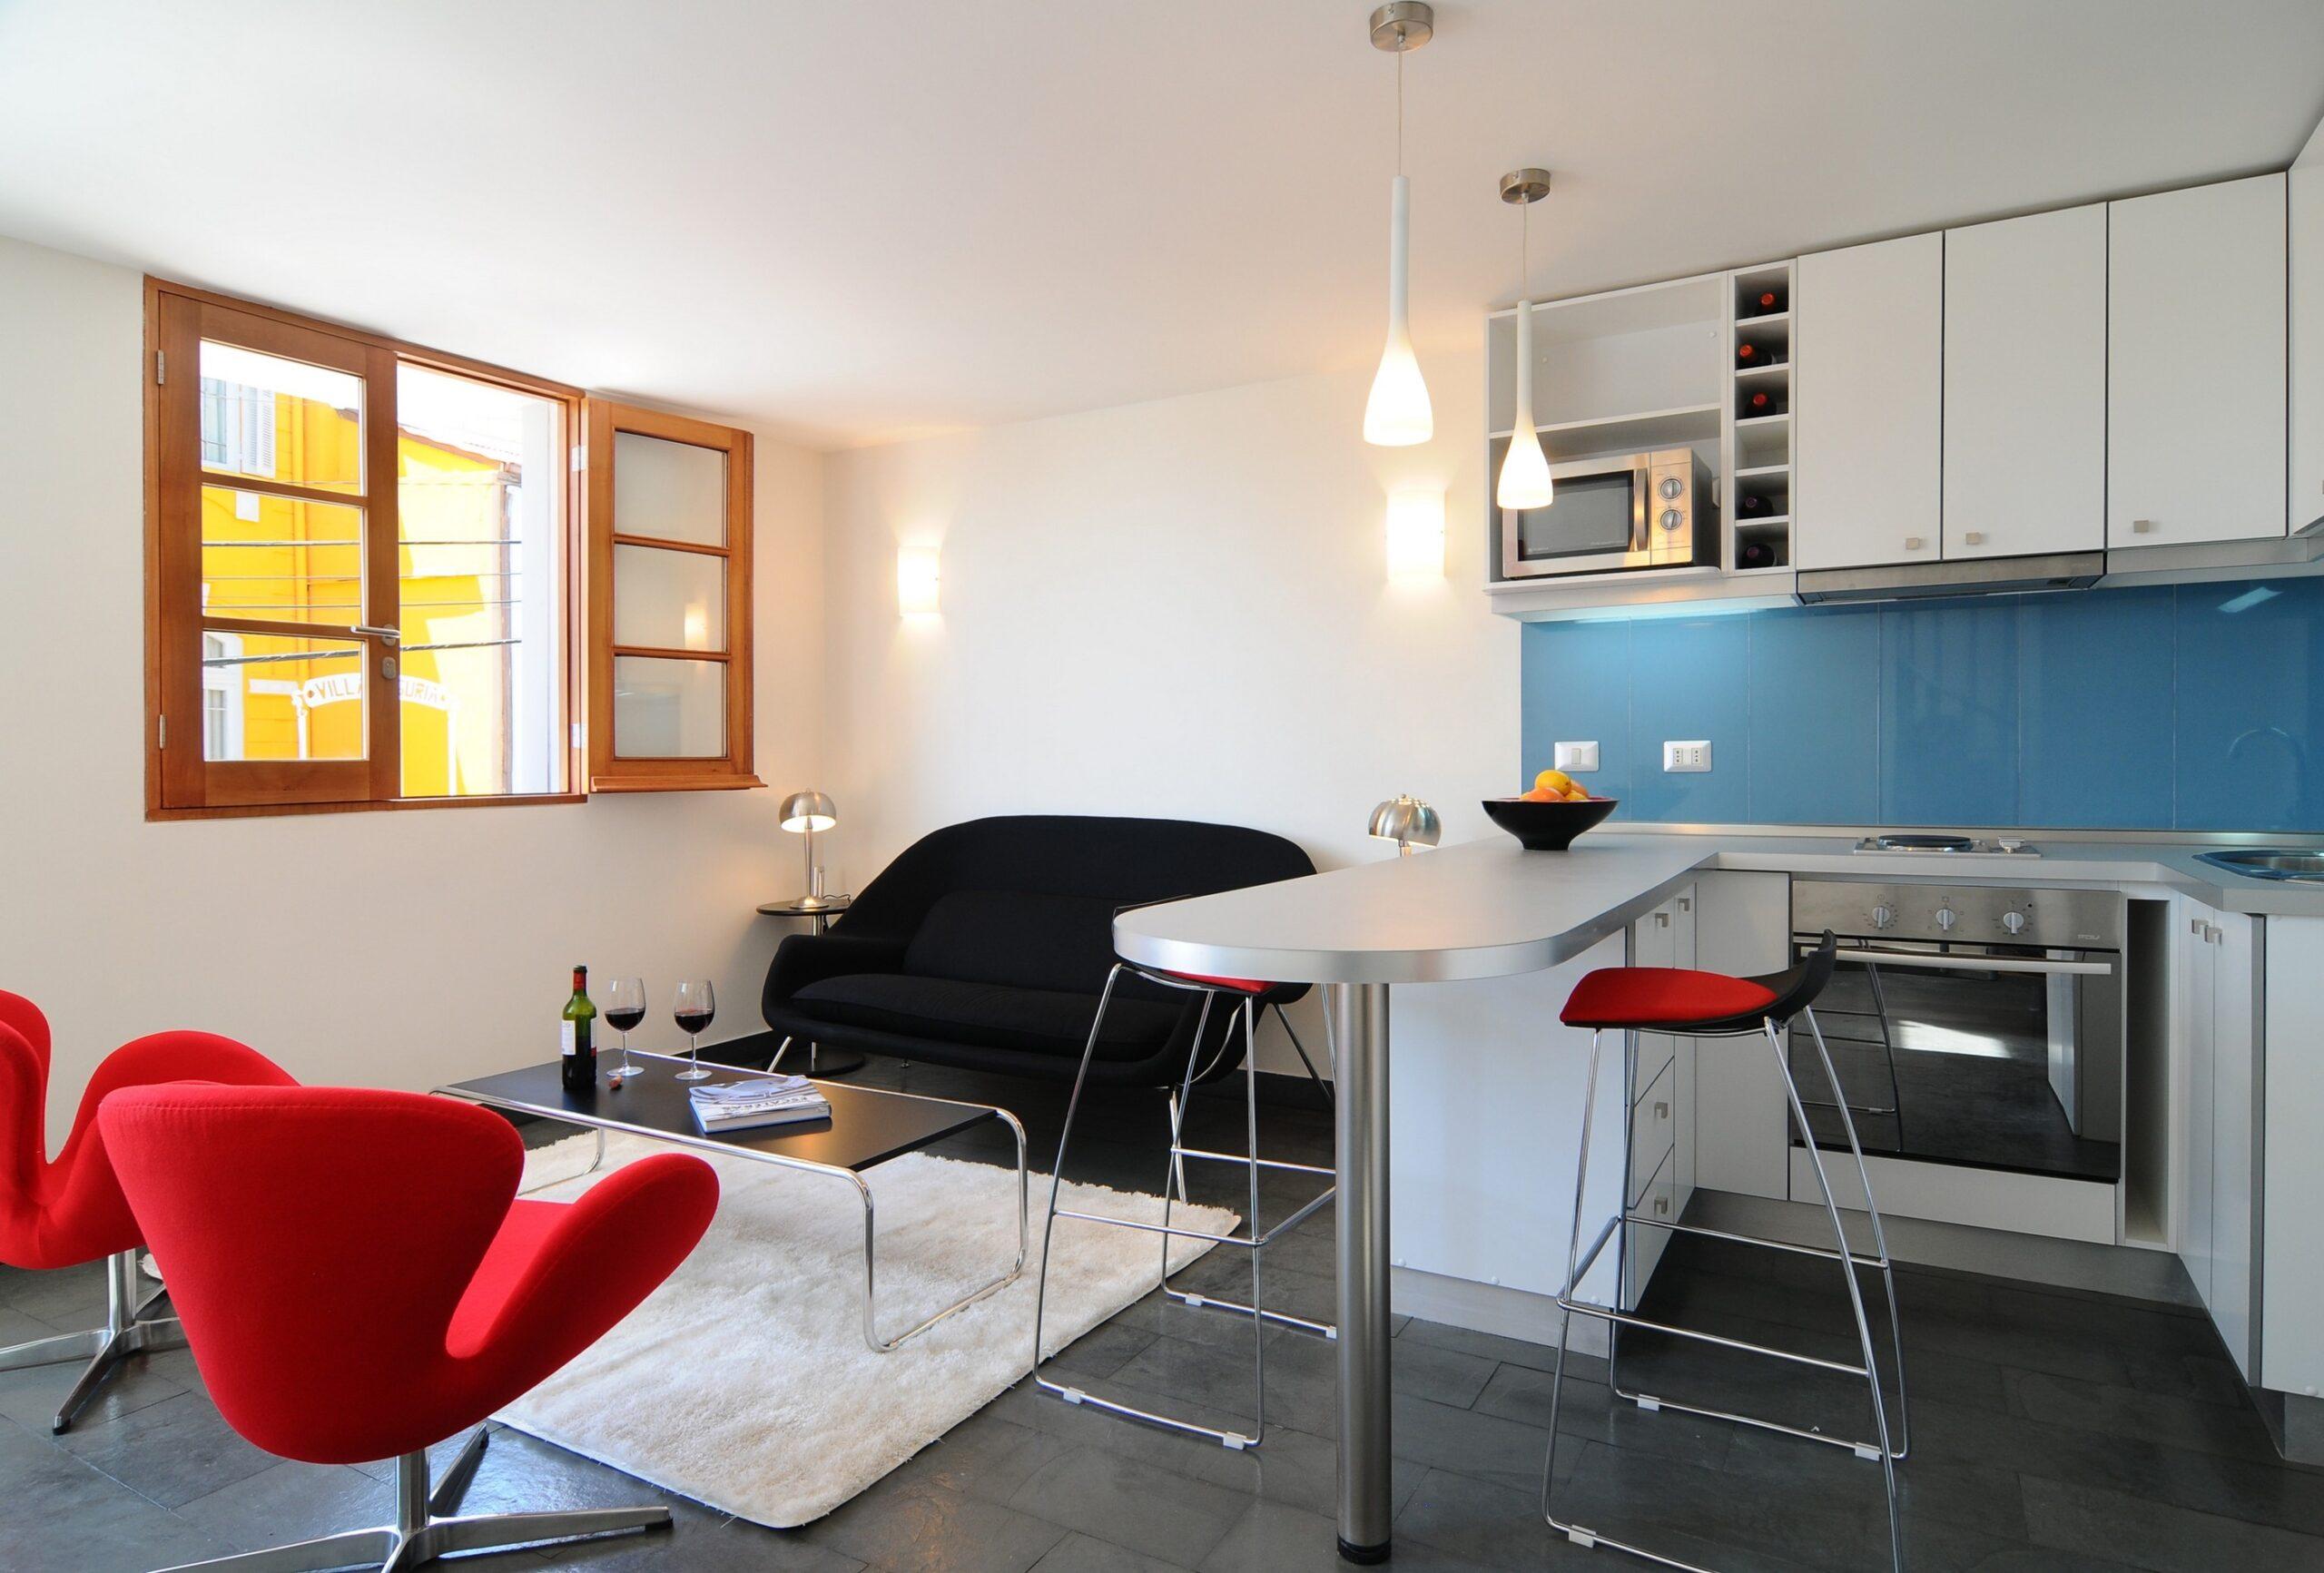 помещение кухни-гостиной